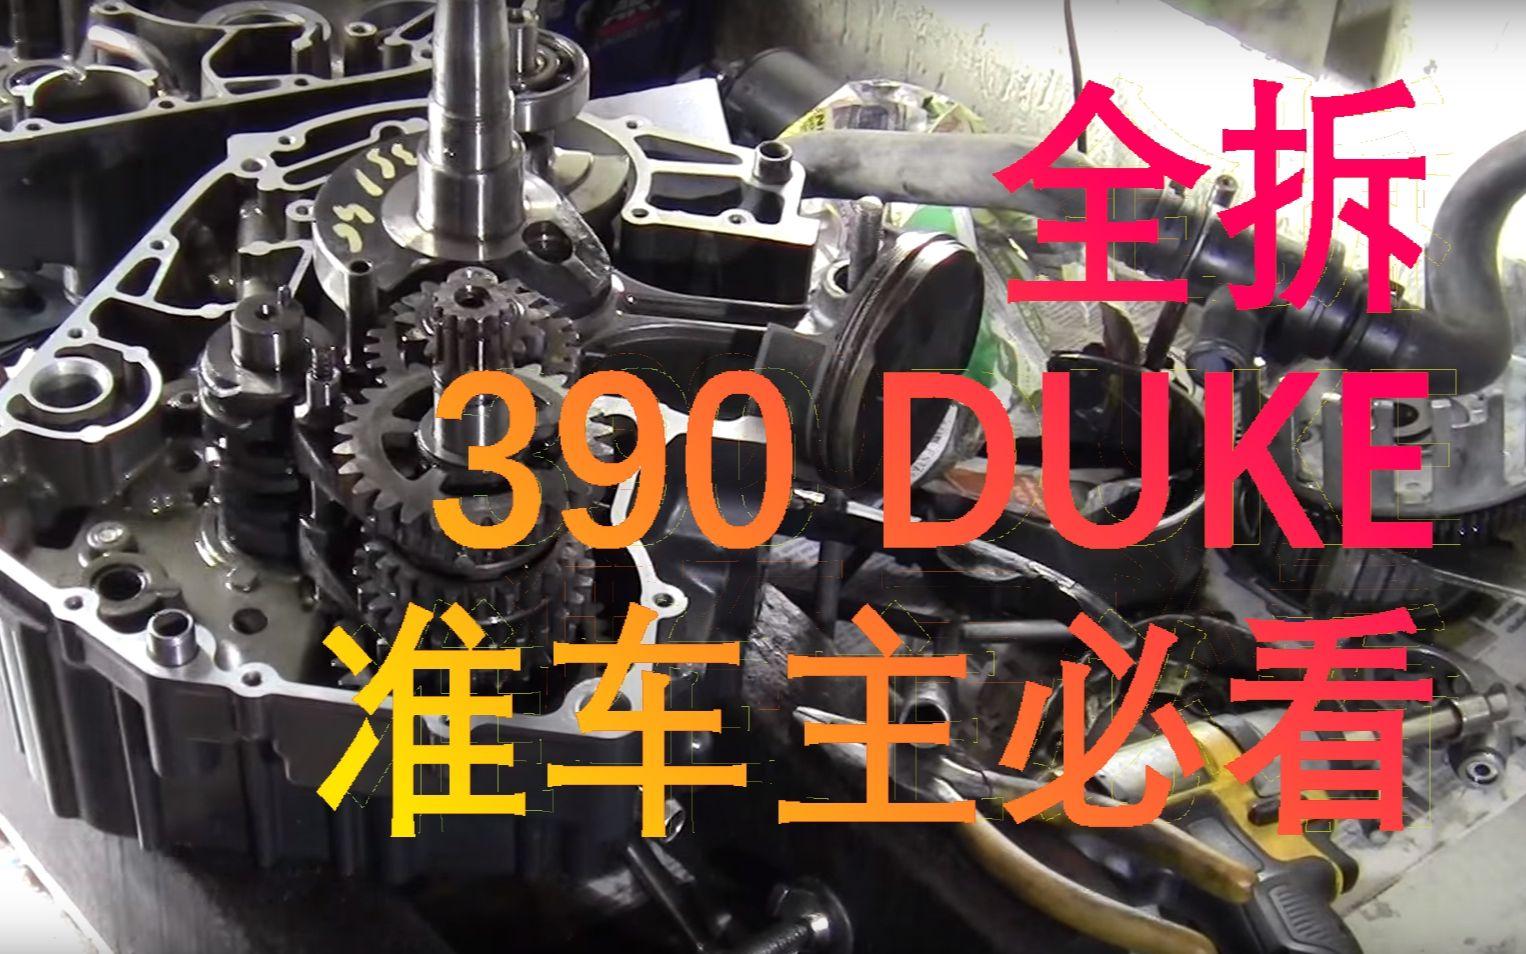 2017 KTM 390 Duke 水泵故障升级到拆掉引擎 (下集)